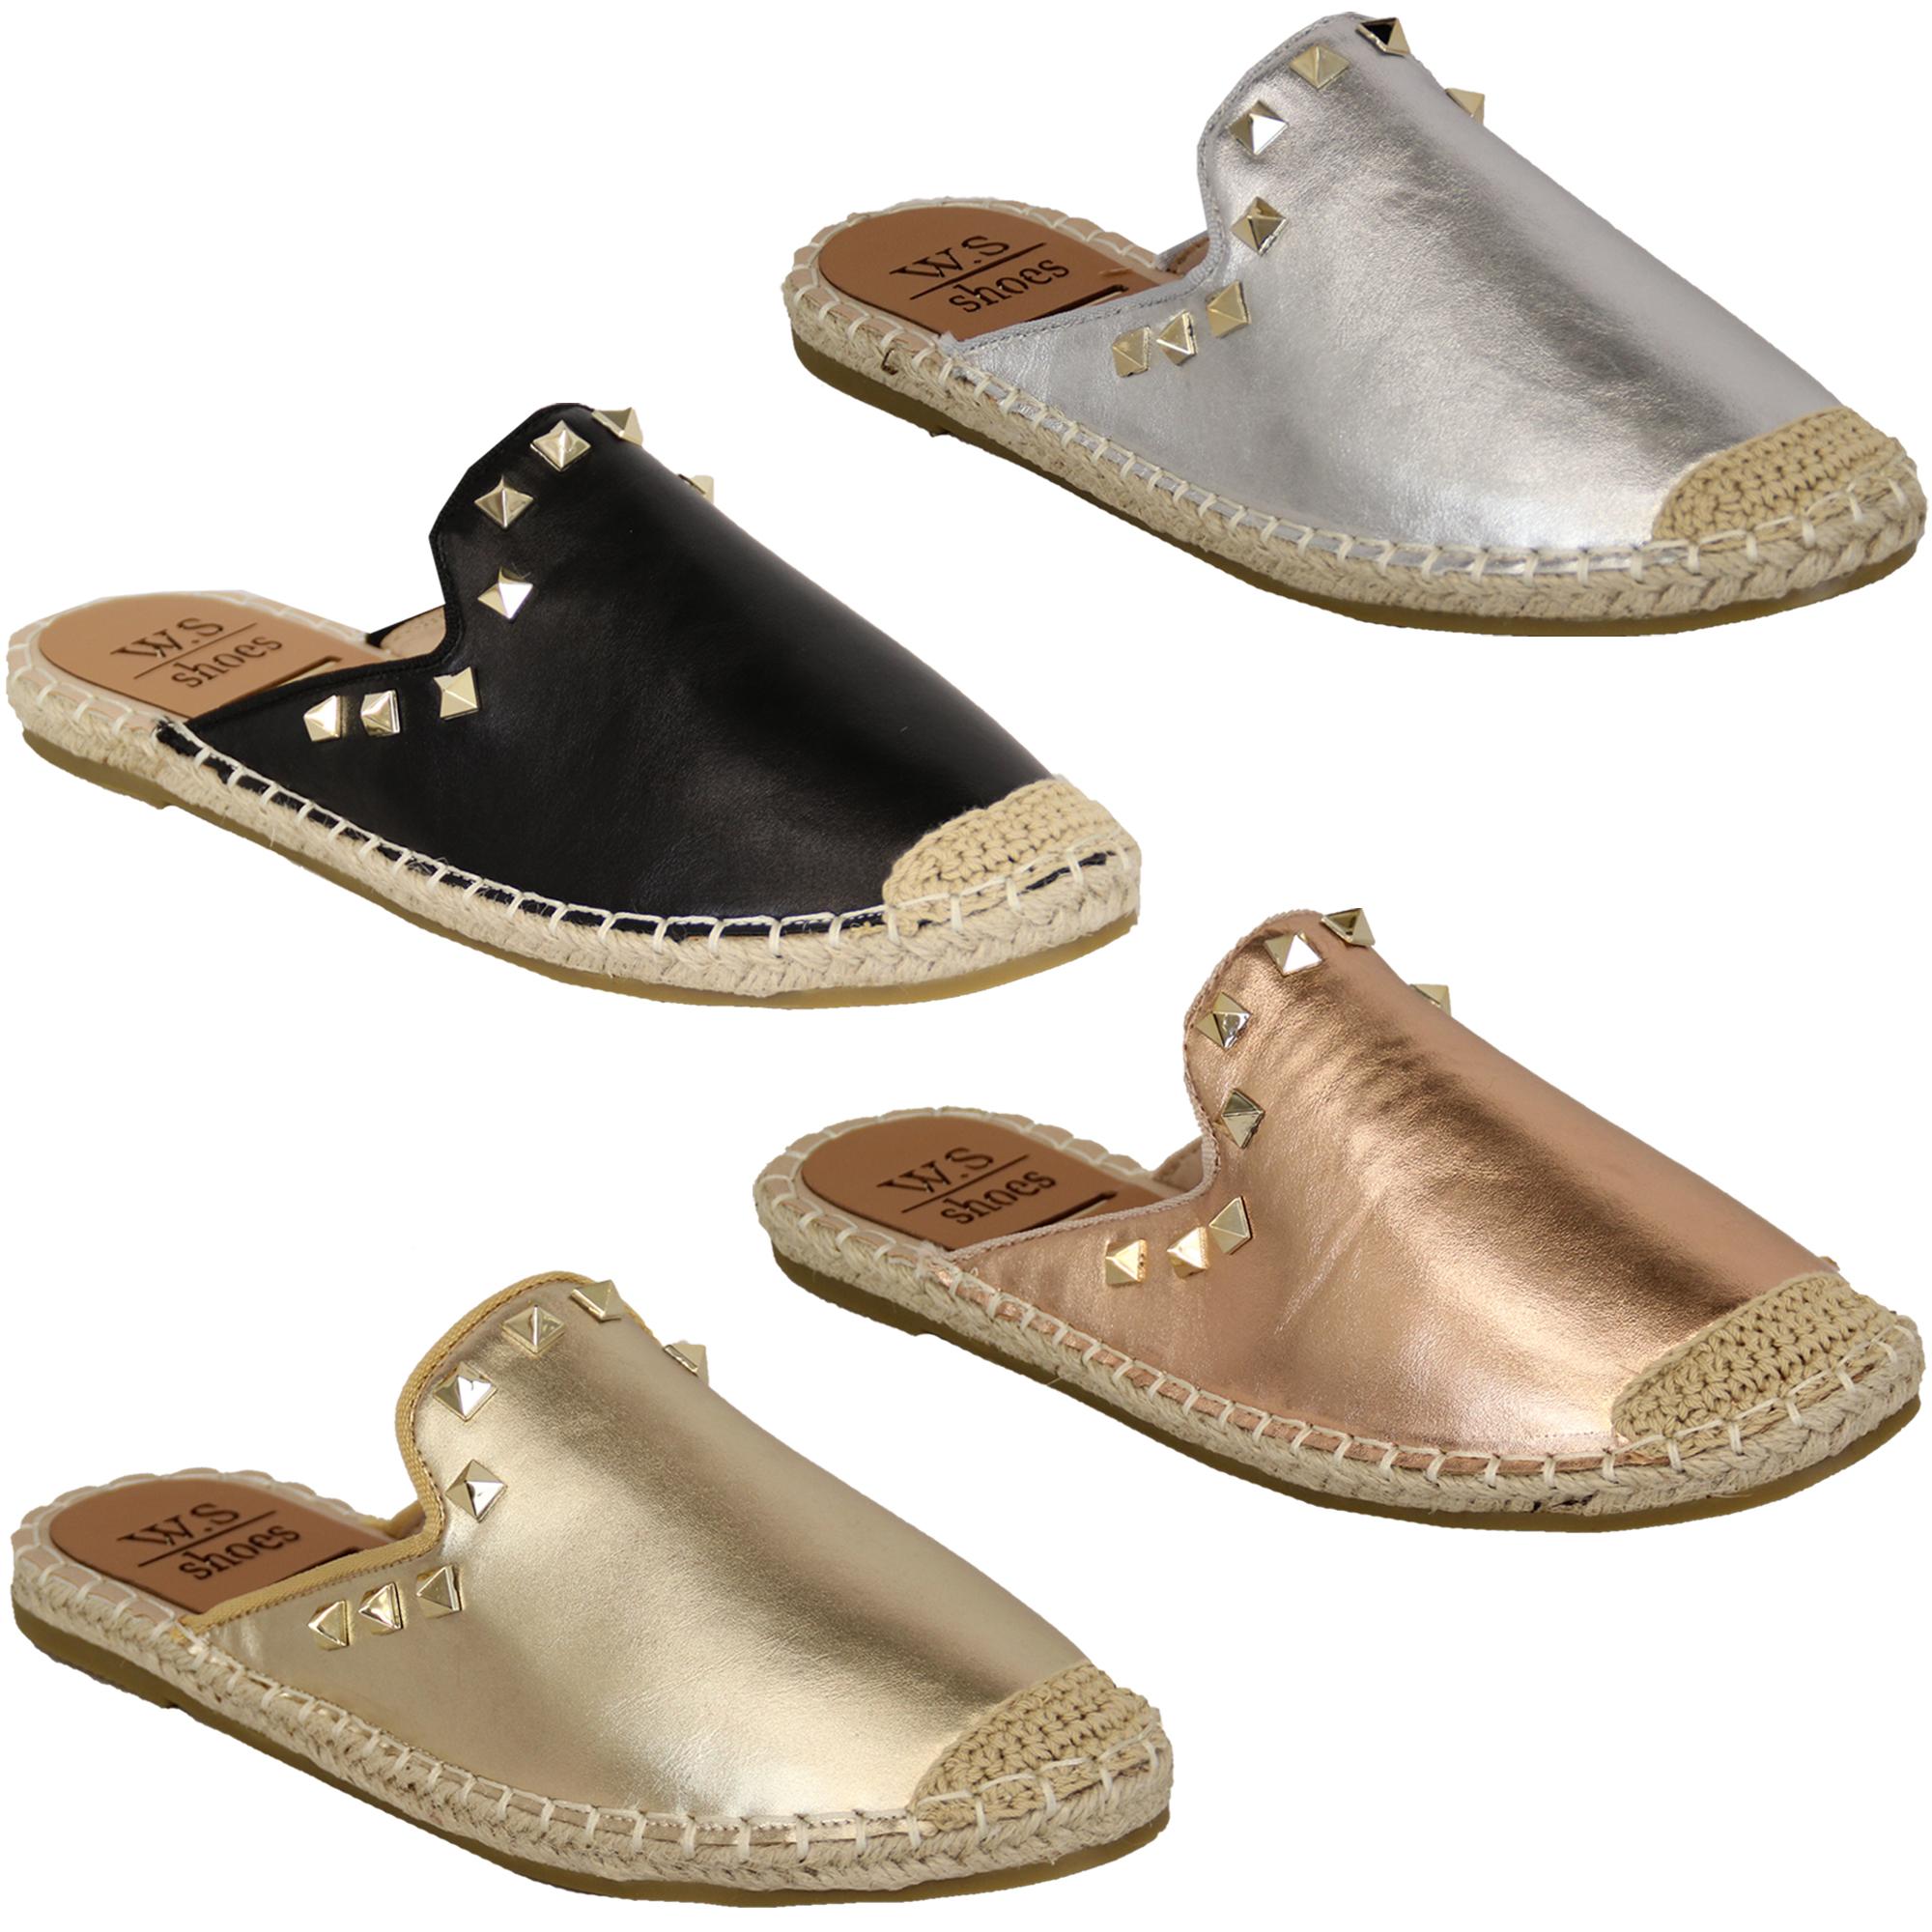 7d9e8407576c03 Ladies Mule Rope Slip On Slippers Womens Flip Flops Espadrilles ...